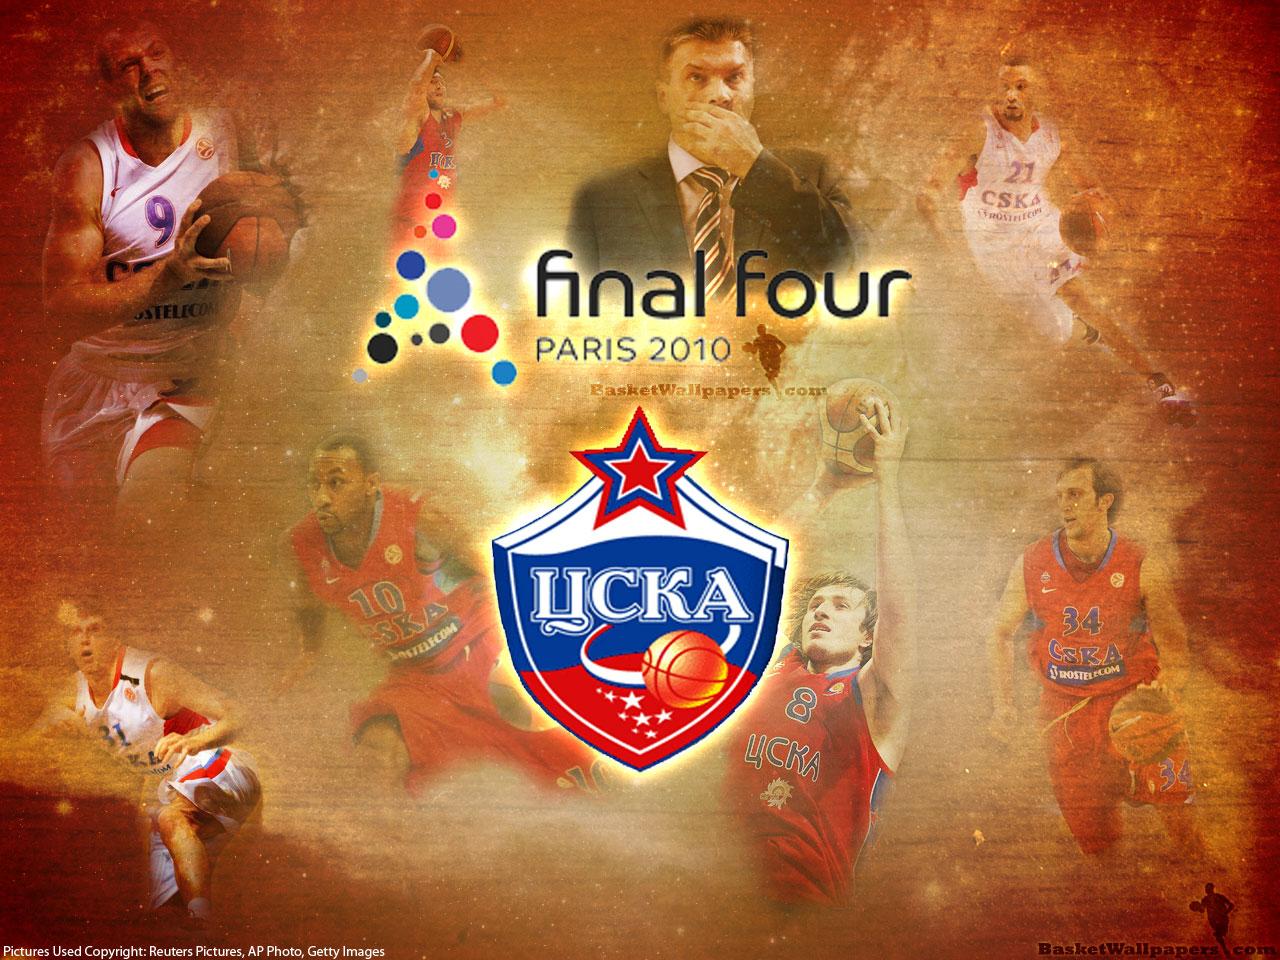 Euroleague 2010 Final Four CSKA Wallpaper